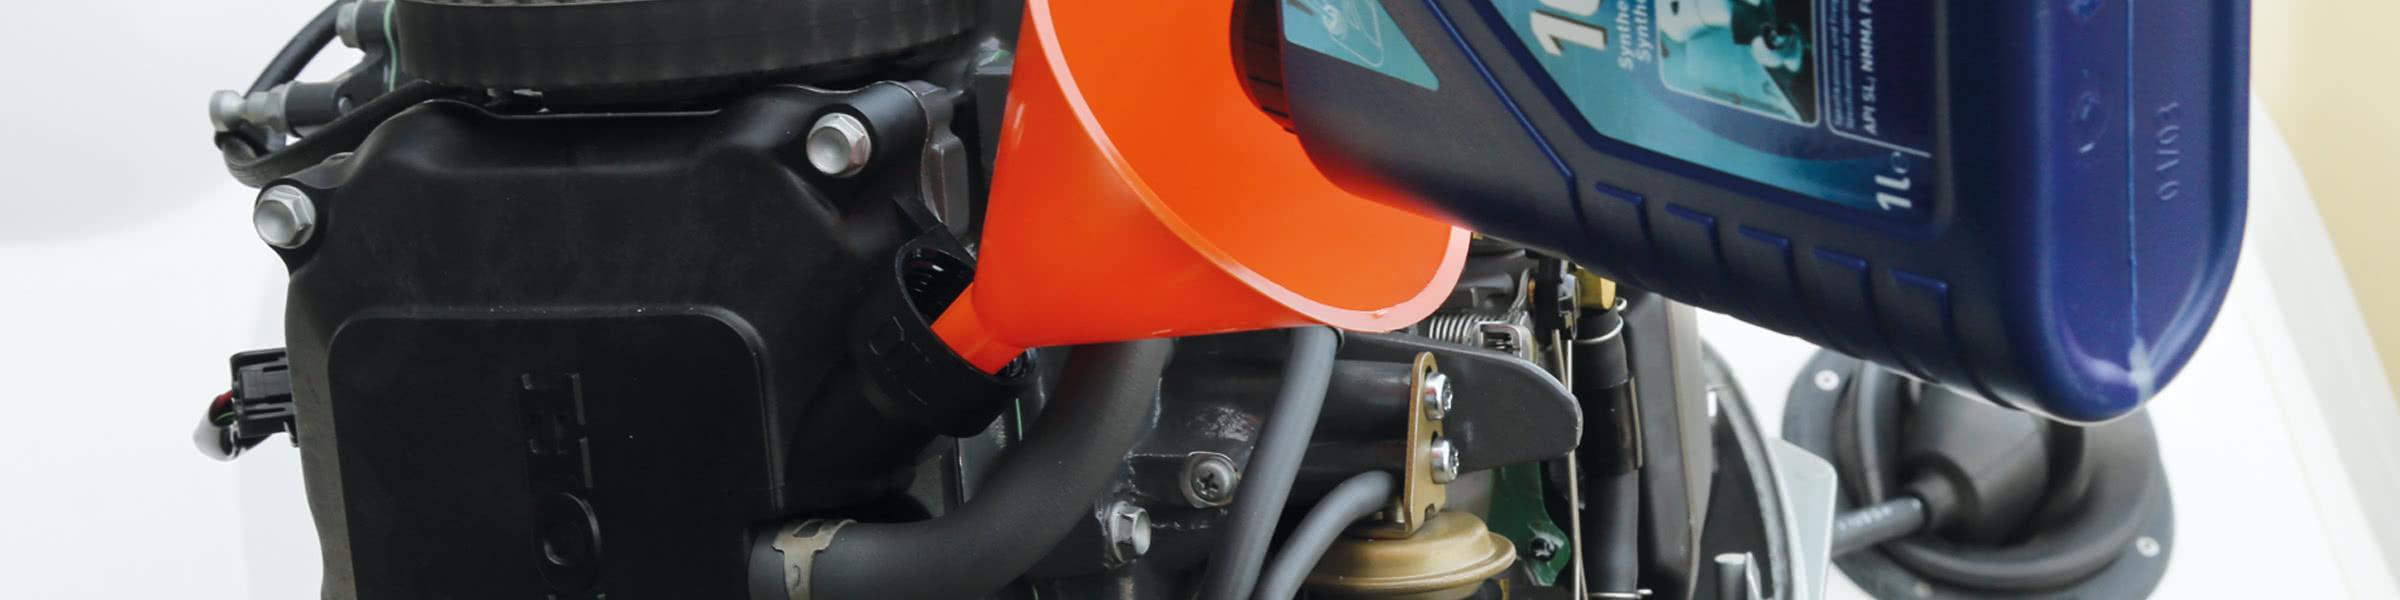 Aceite de motor 15W-40 de LIQUI MOLY